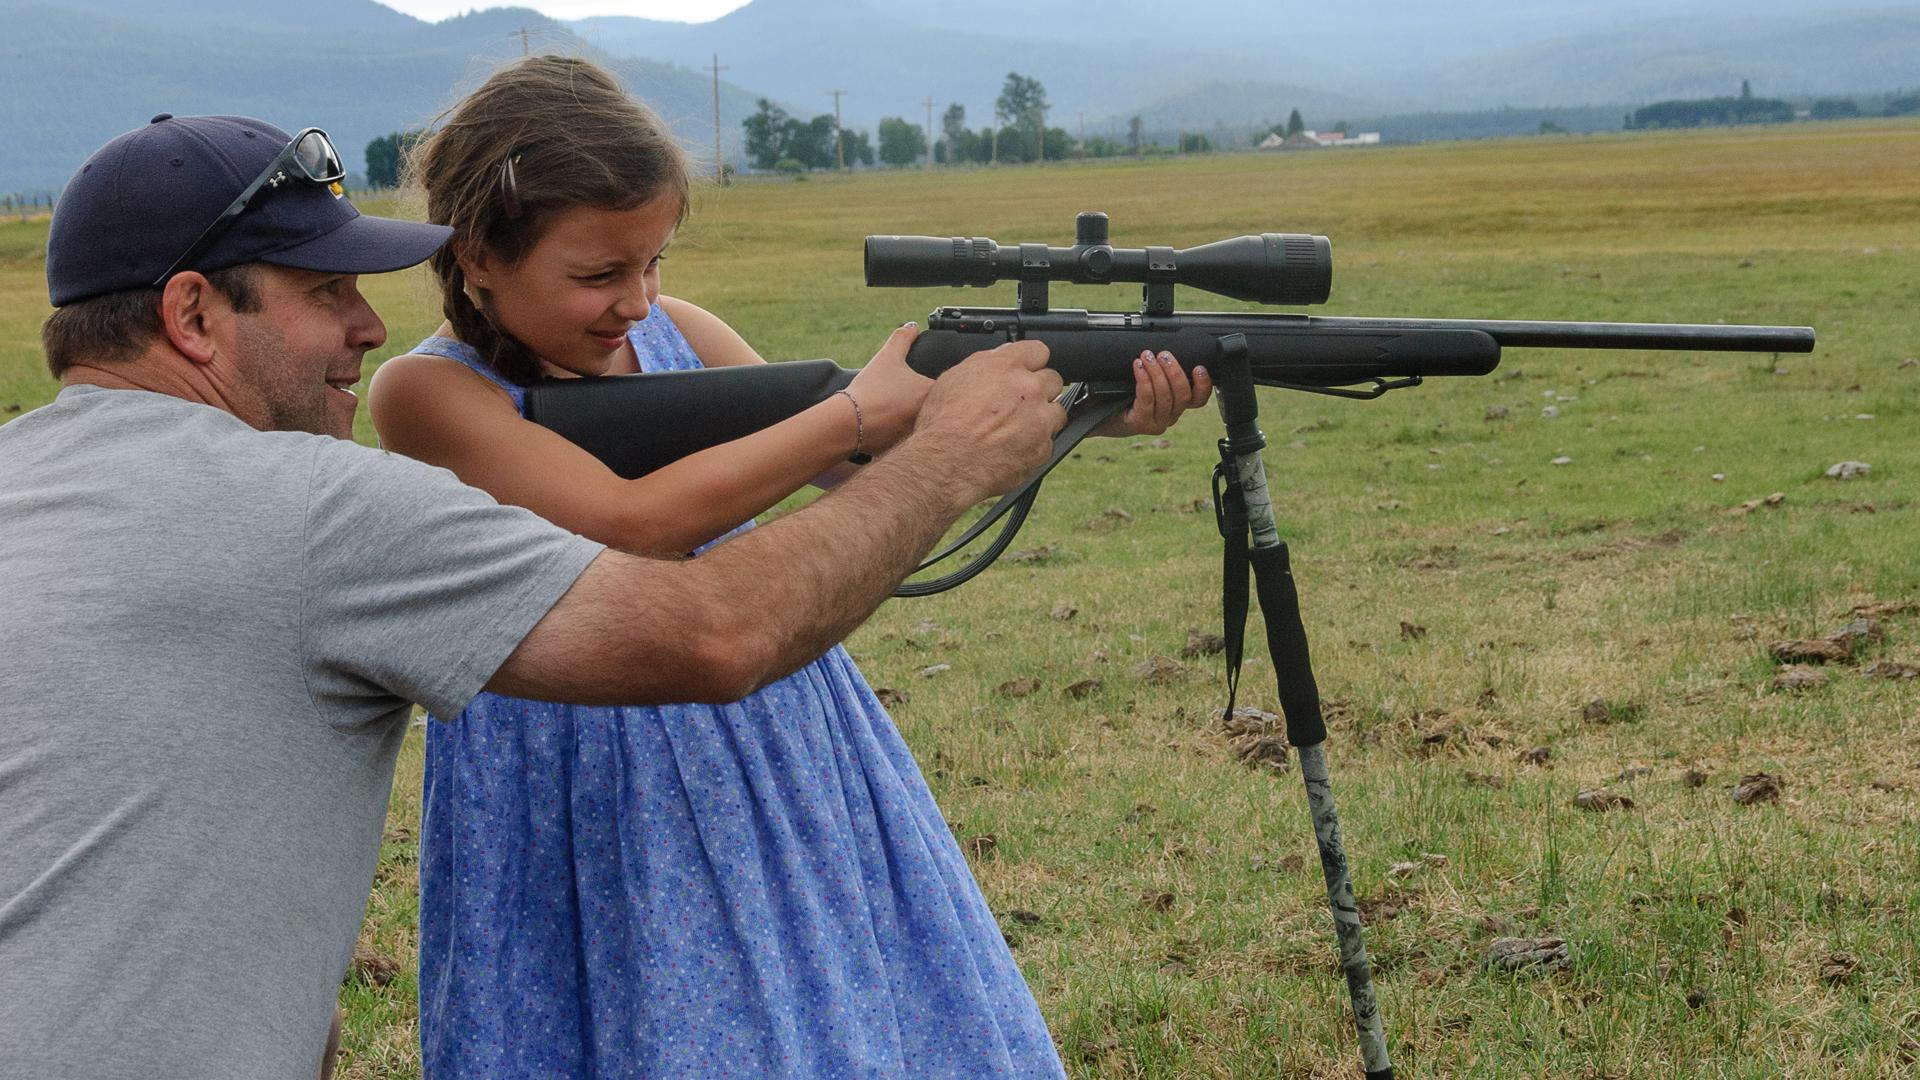 Vater und Tochter beim Zielschießen. Für viele Amerikaner sind Waffen ein christlicher Wert, den sie wie jeden anderen an ihre Kinder weitergeben möchten.